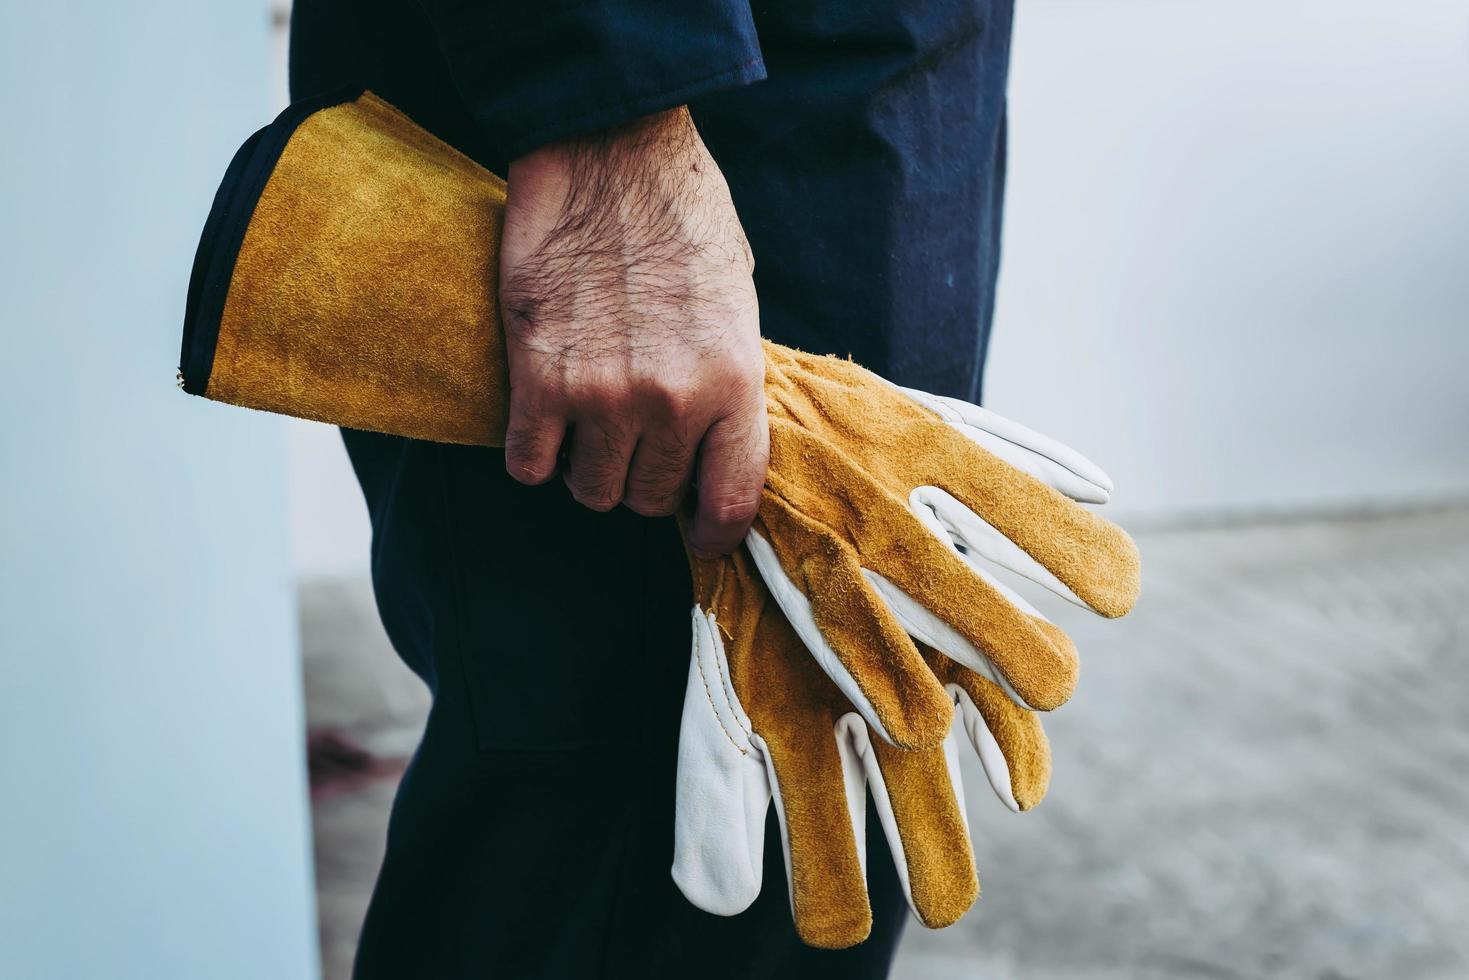 närbild av mannen som håller gula arbetshandskar foto